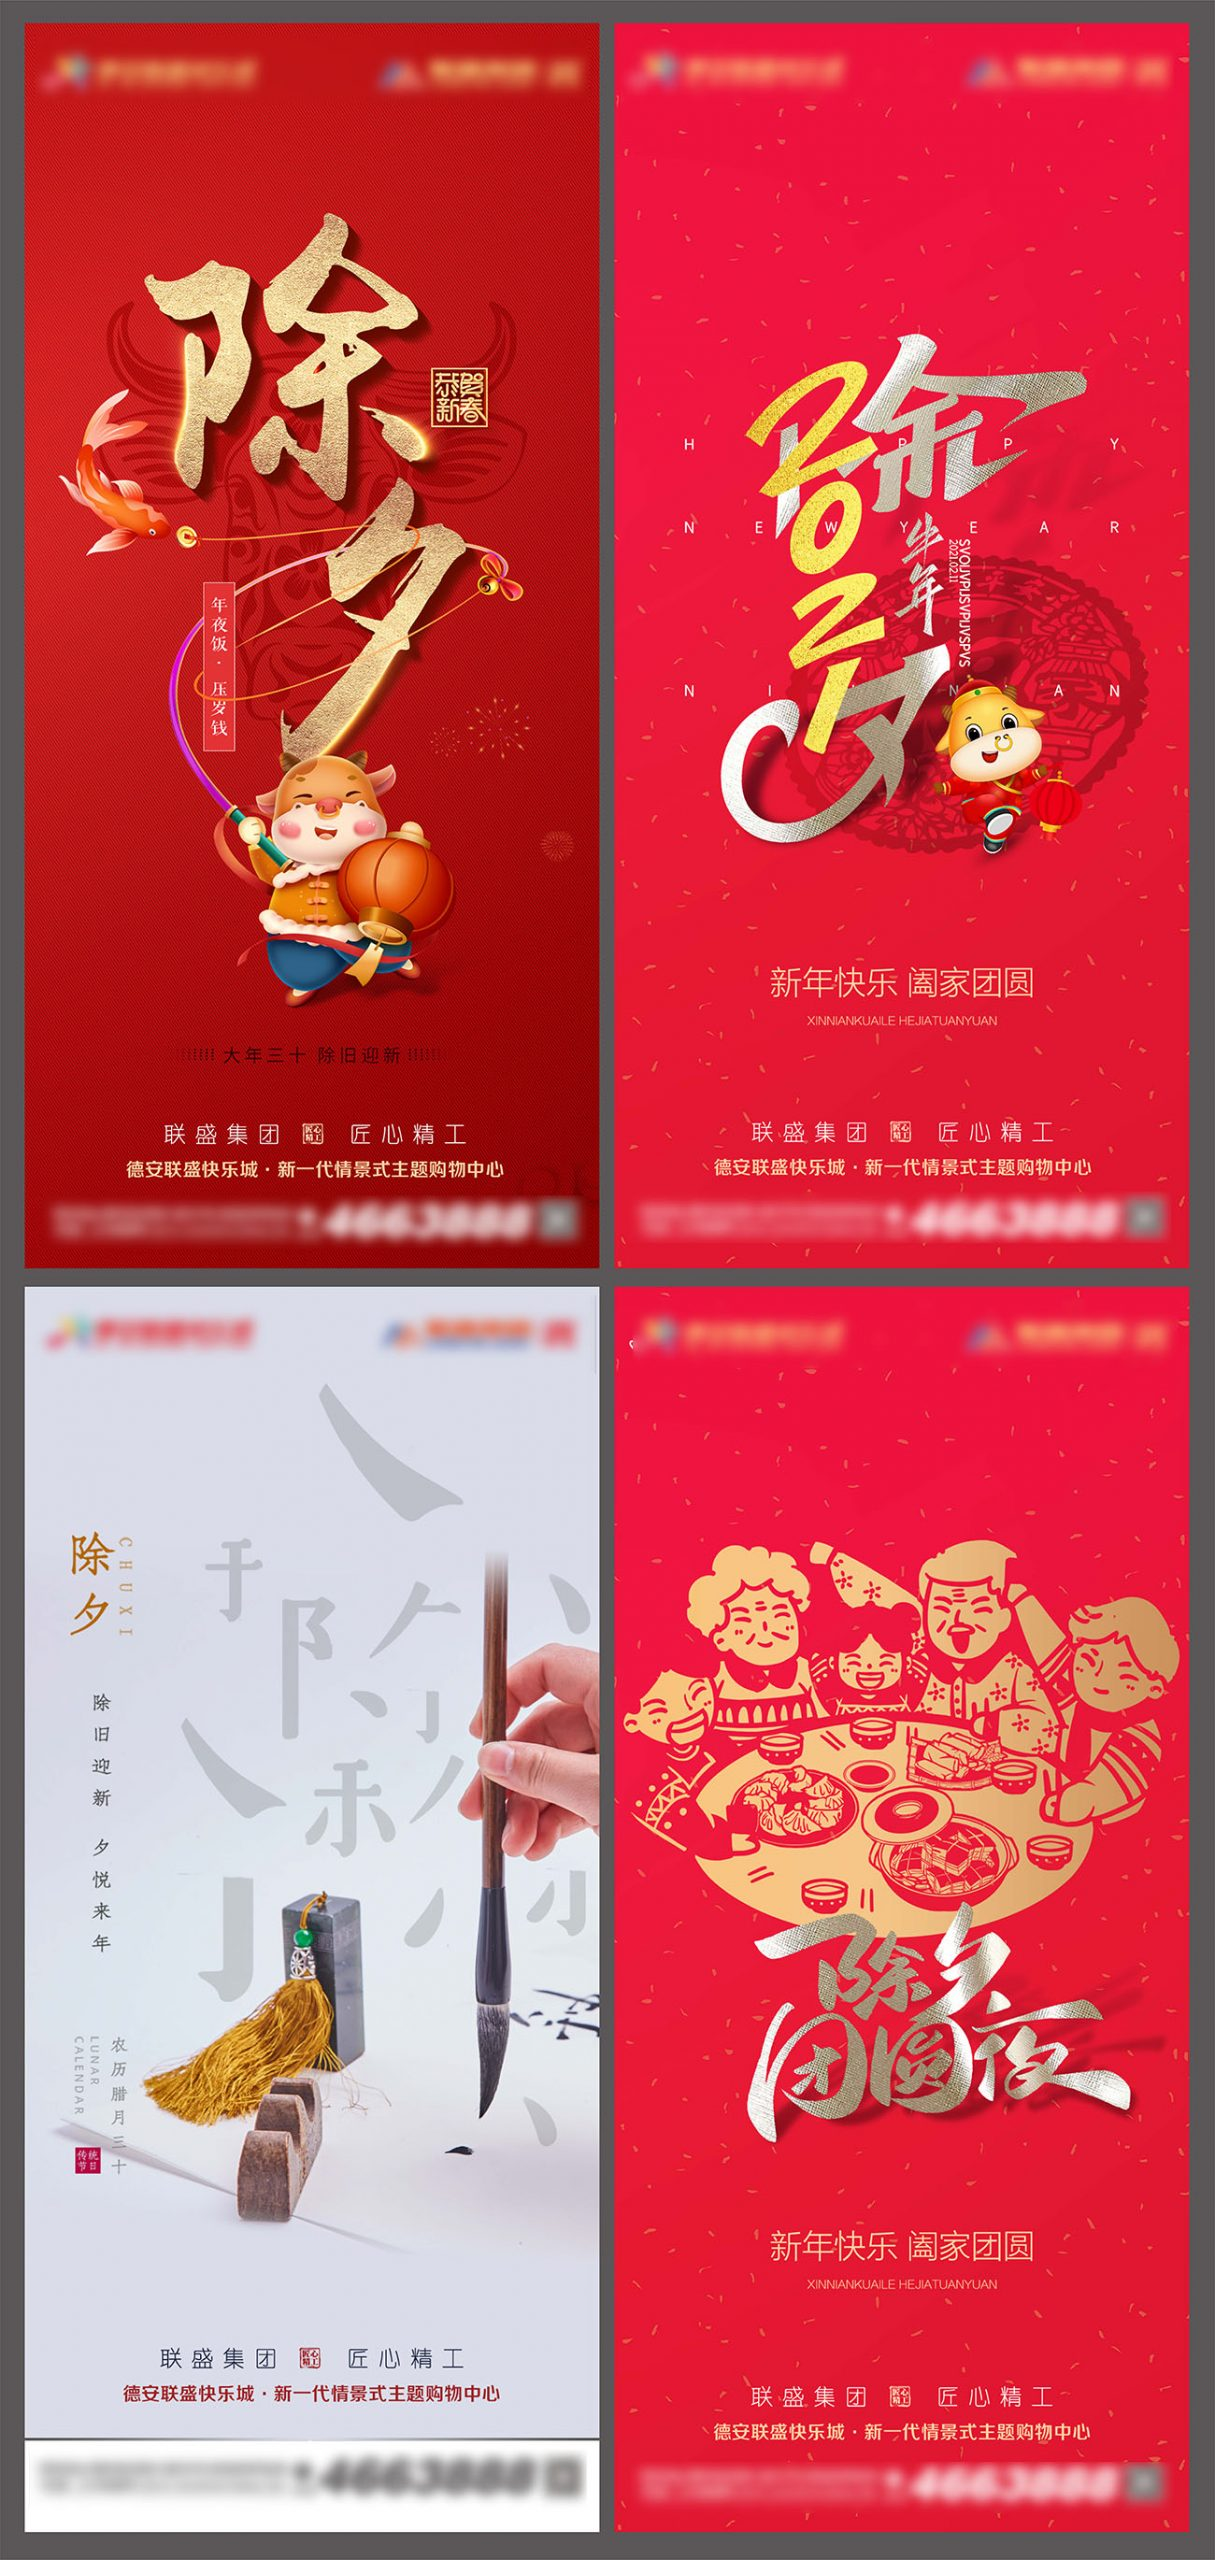 春节除夕红色传统节日年夜饭海报PSD源文件插图